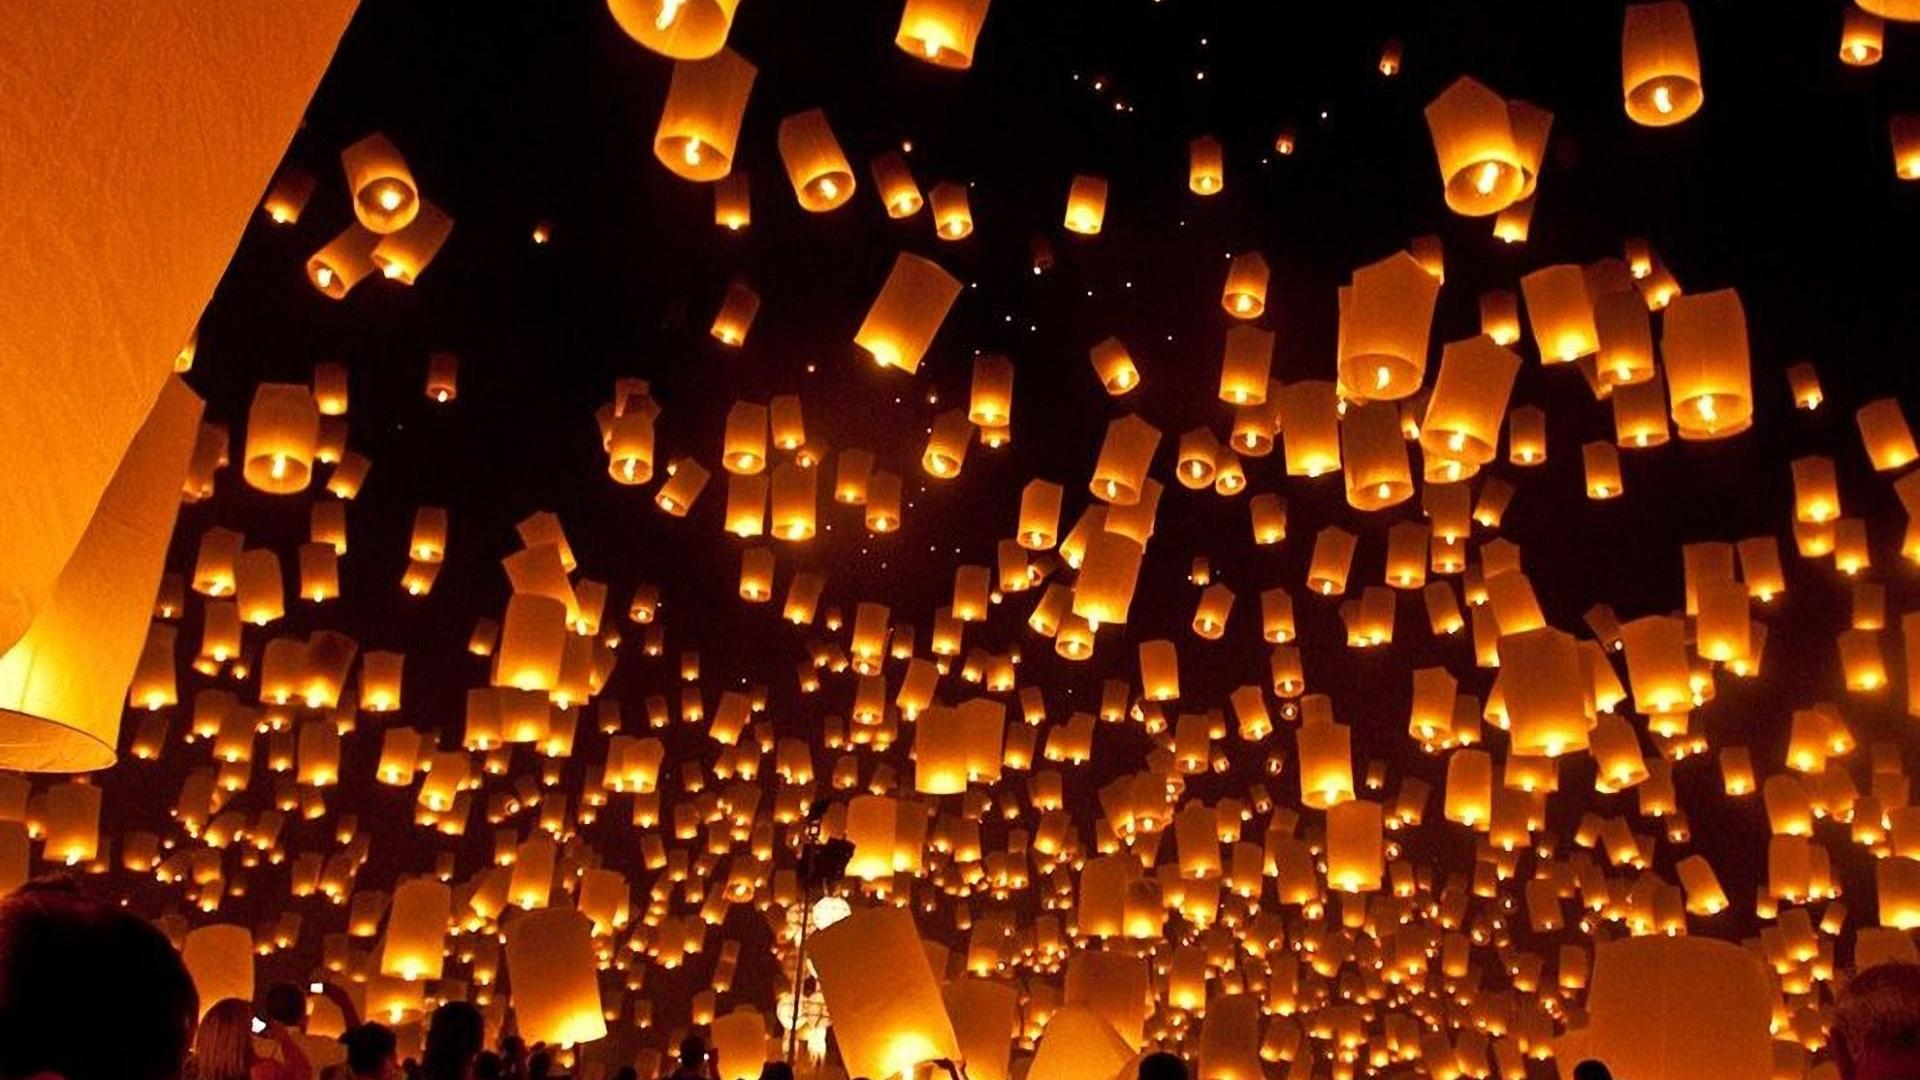 Paper Lantern Wallpapers Top Free Paper Lantern